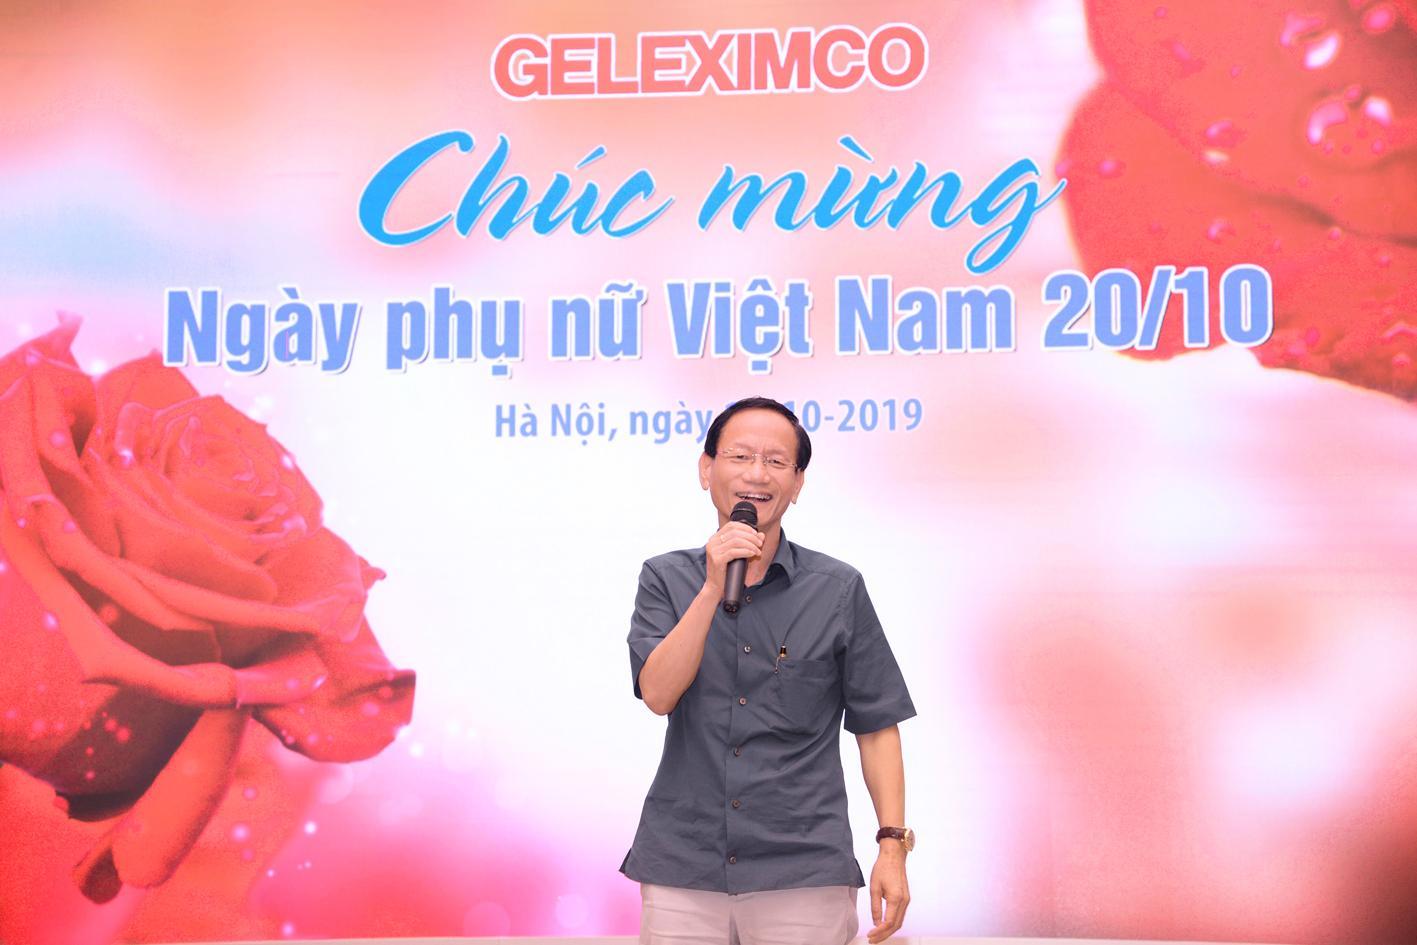 Tổng giám đốc Vũ Văn Tiền phát biểu chào mừng nhân dịp 20/10